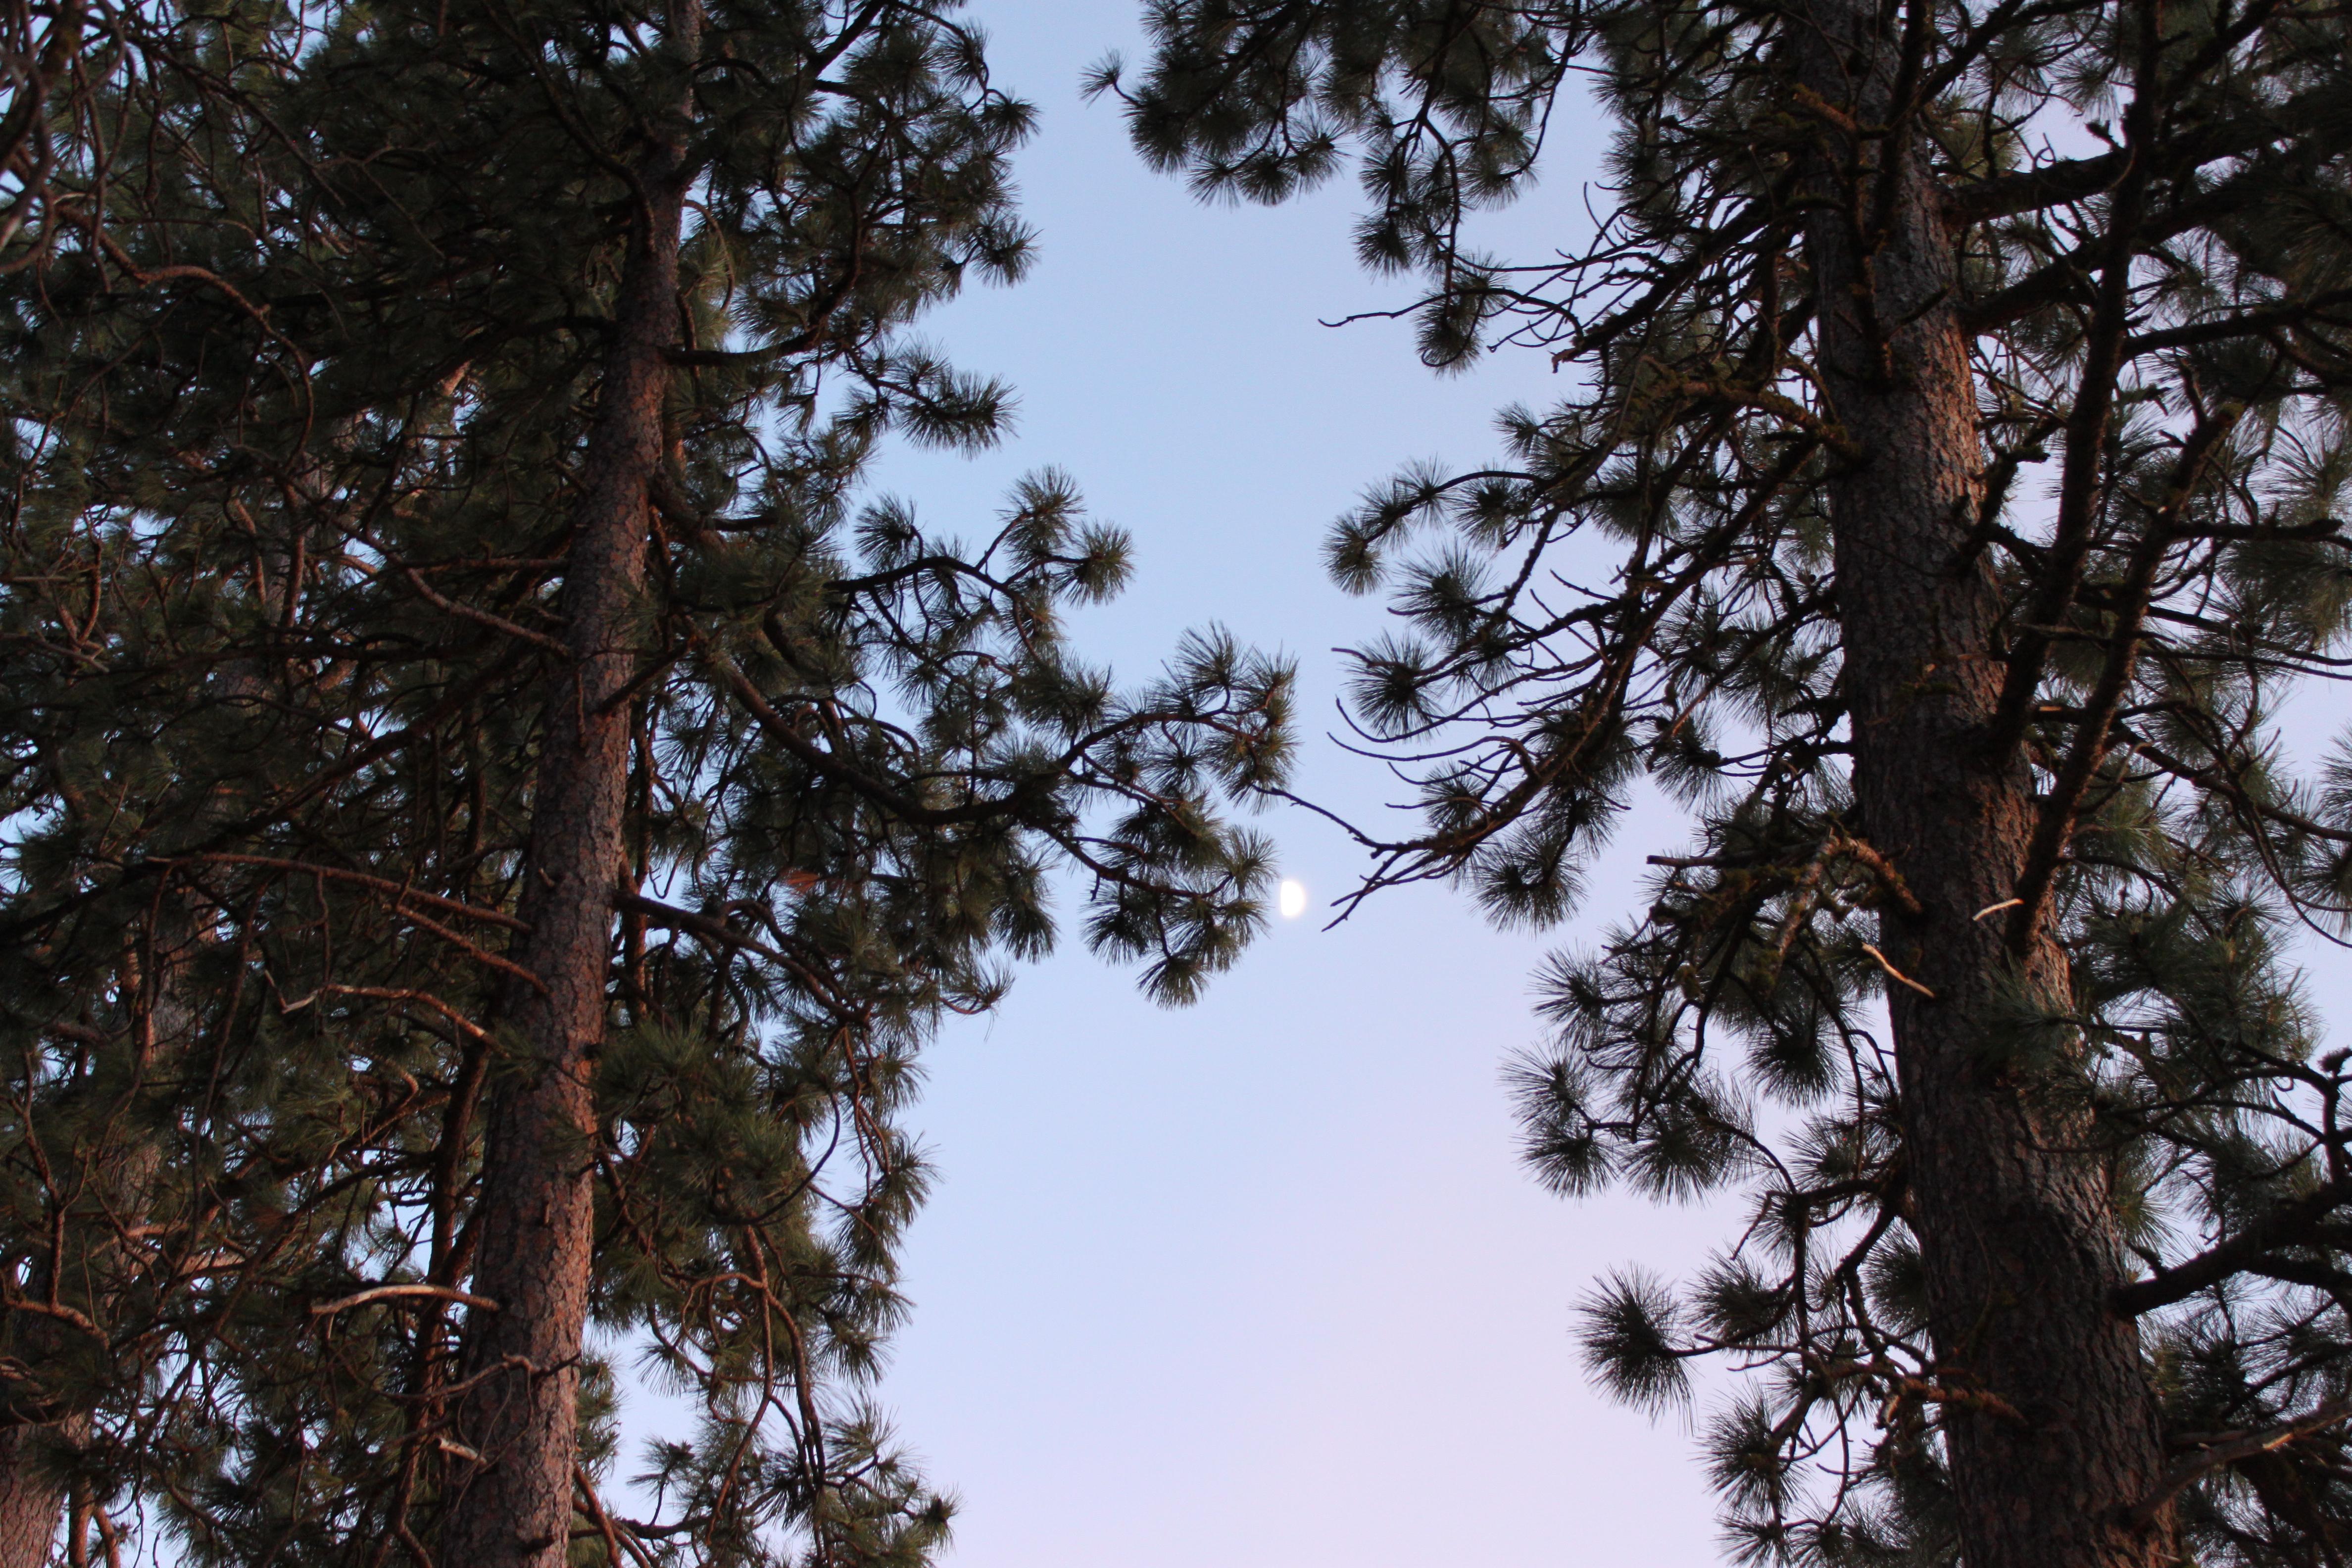 moon between pine trees